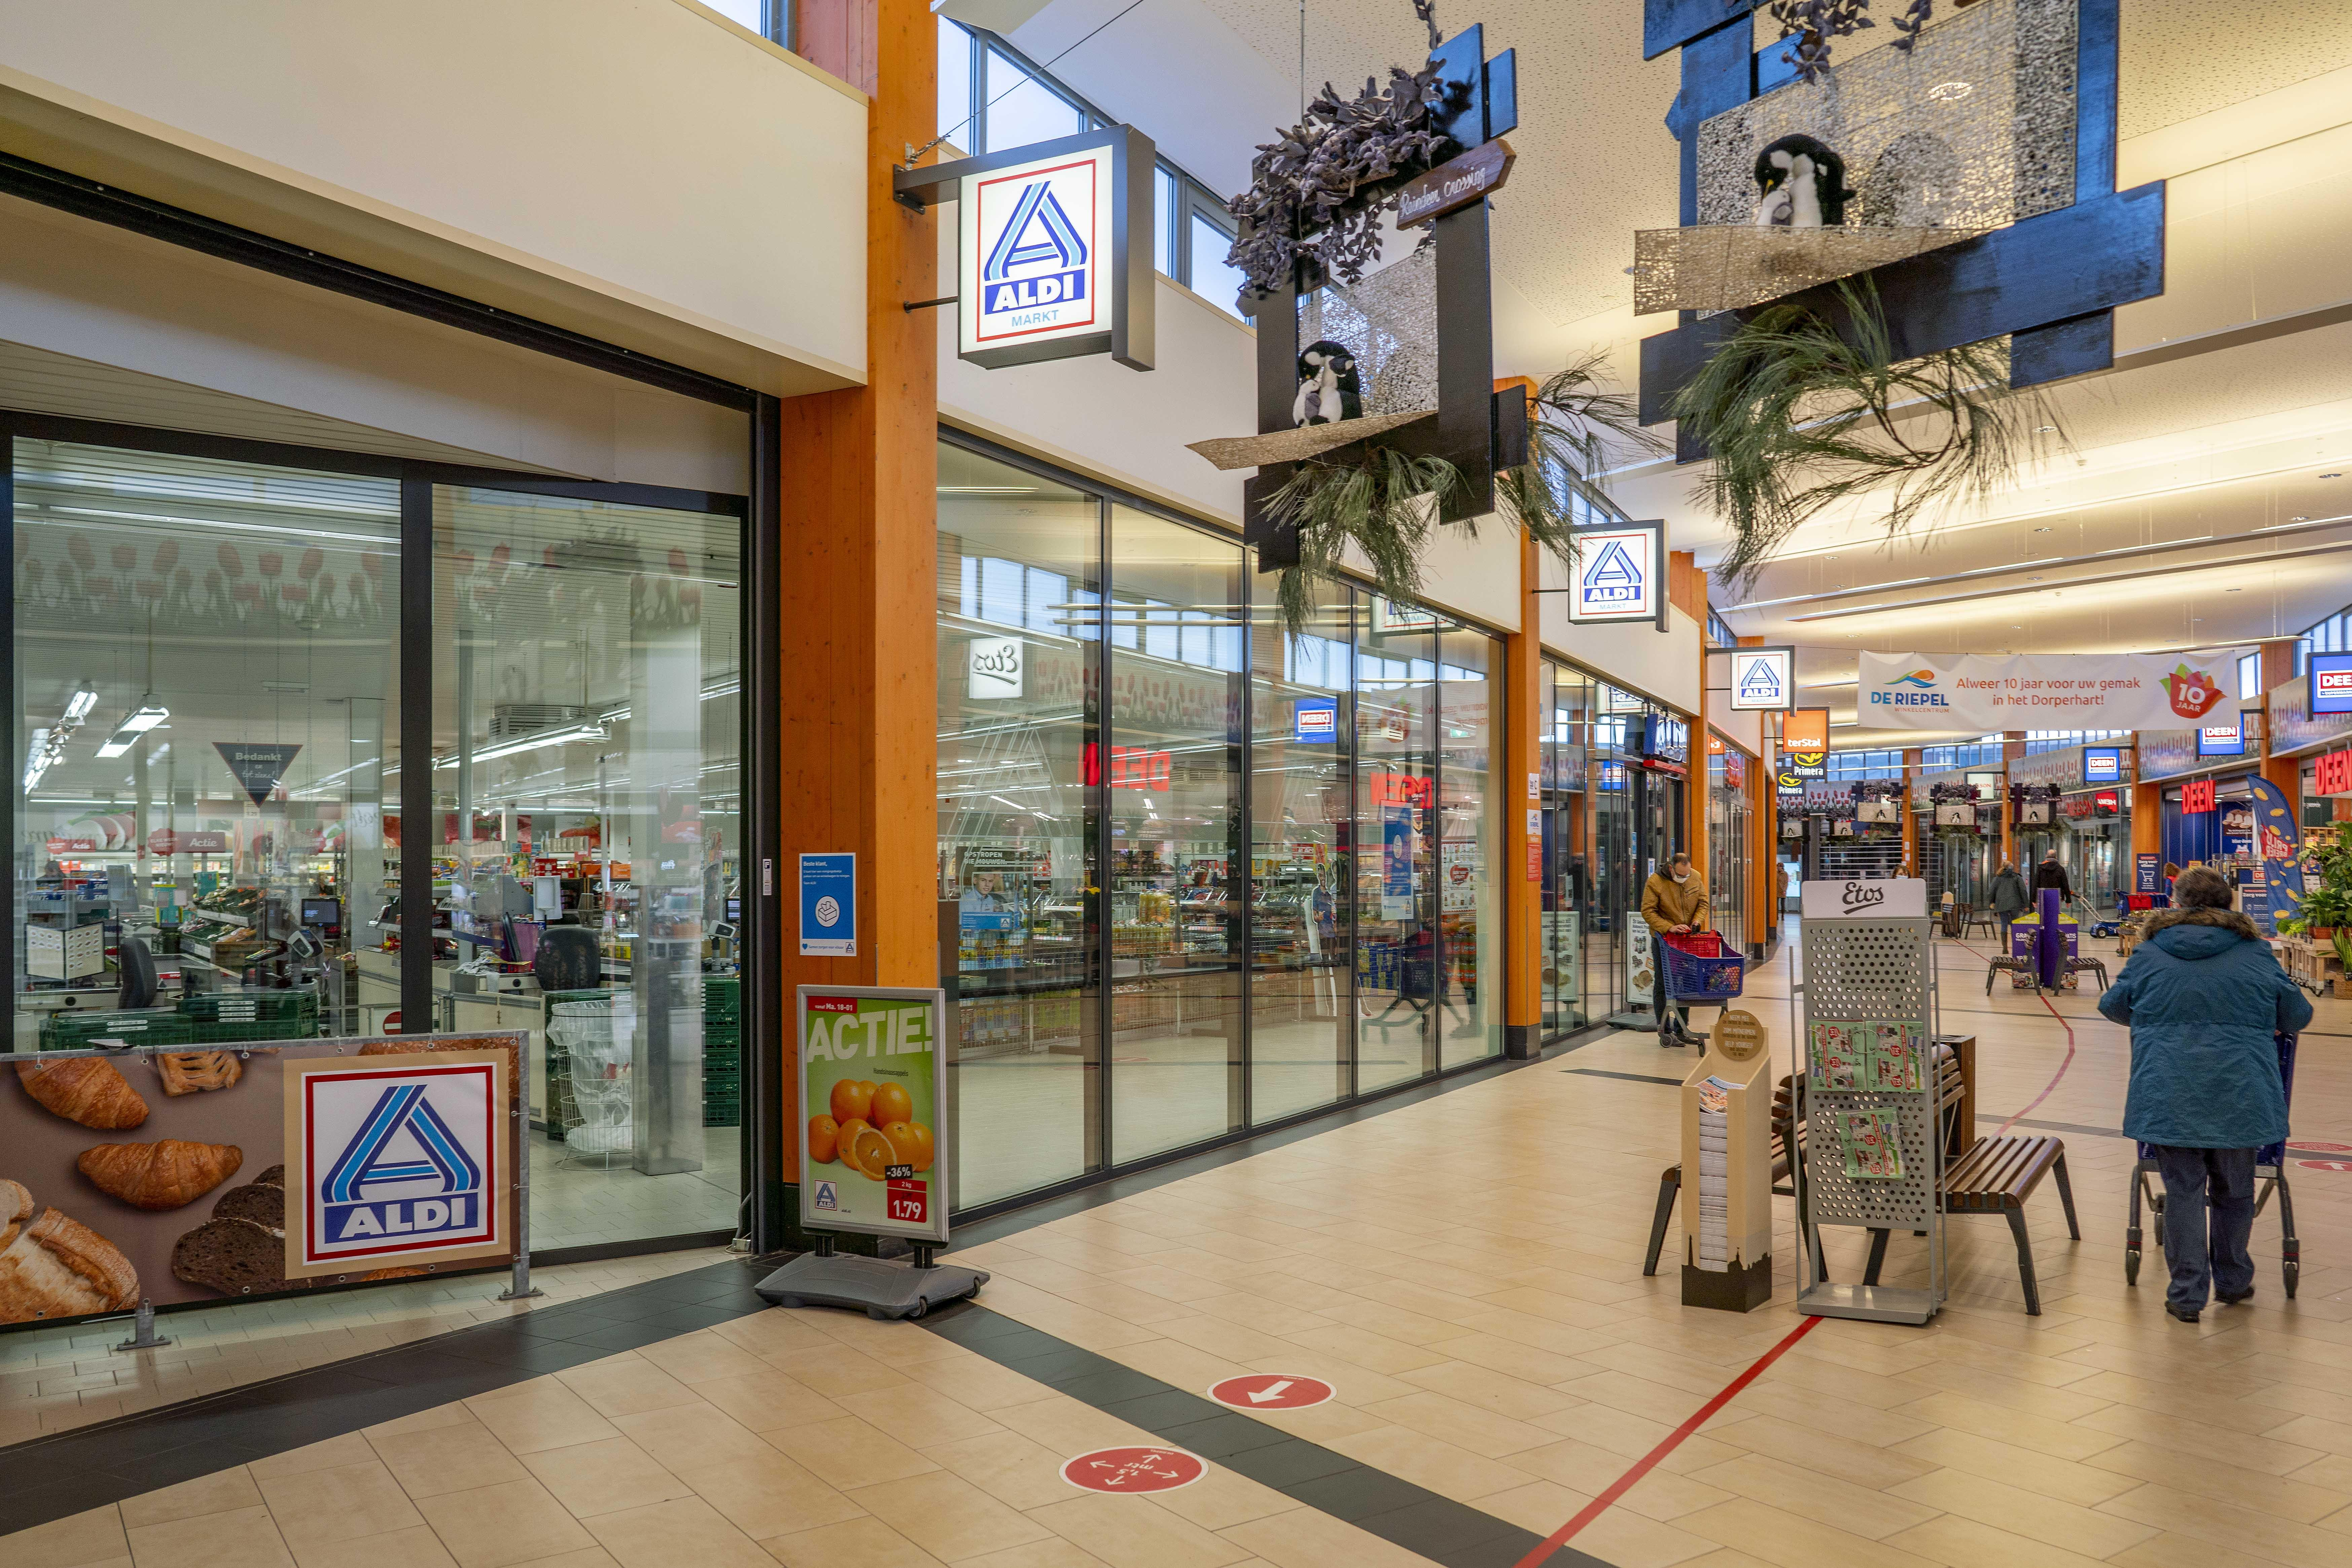 Supermarkt Aldi keert winkelcentrum De Riepel eind februari de rug toe vanwege gebrek aan toekomst. Winkeliers niet rouwig om sluiting van Julianadorps filiaal